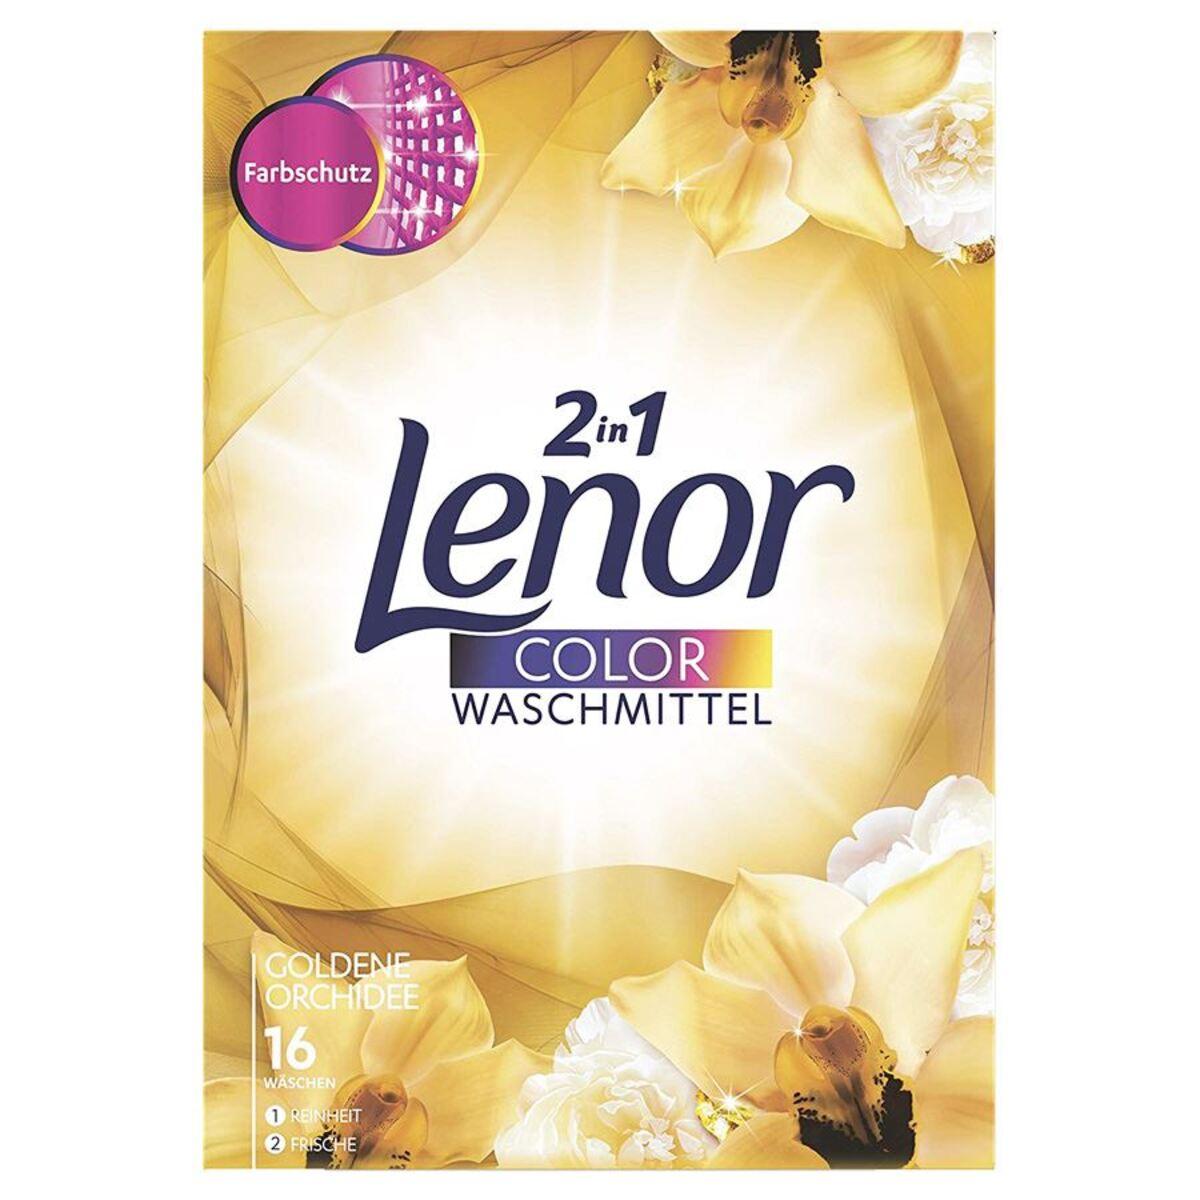 Bild 2 von Lenor 2in1 Color Waschpulver Goldene Orchidee 1040g